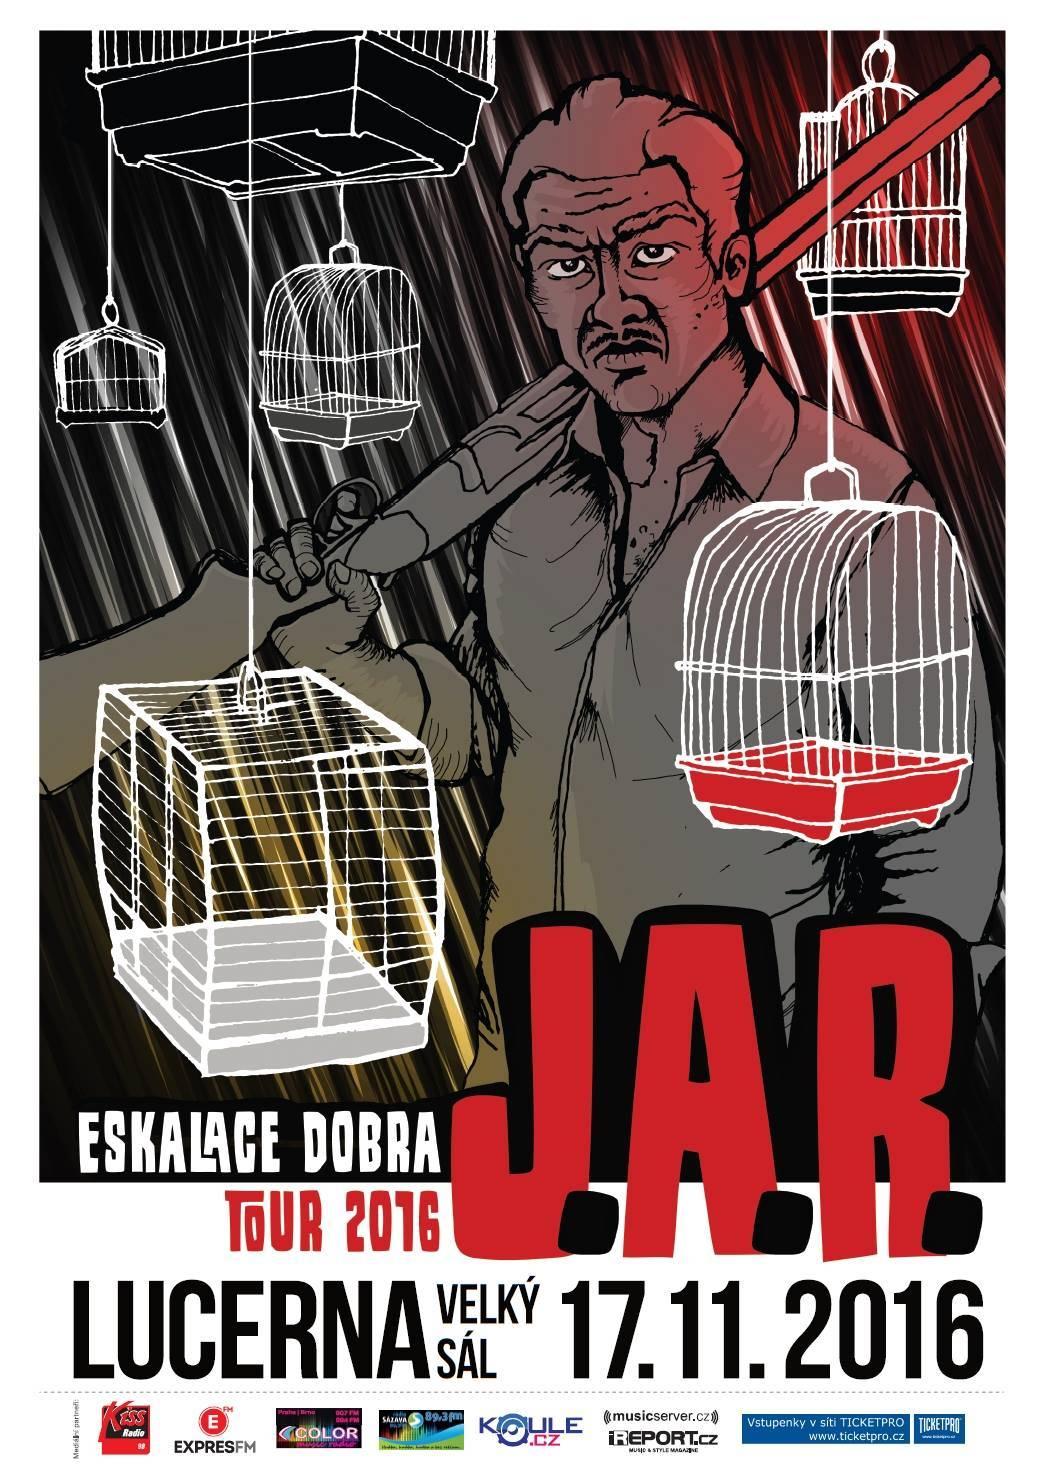 J.A.R. vydají nové album Eskalace dobra. Turné k němu završí v Lucerně